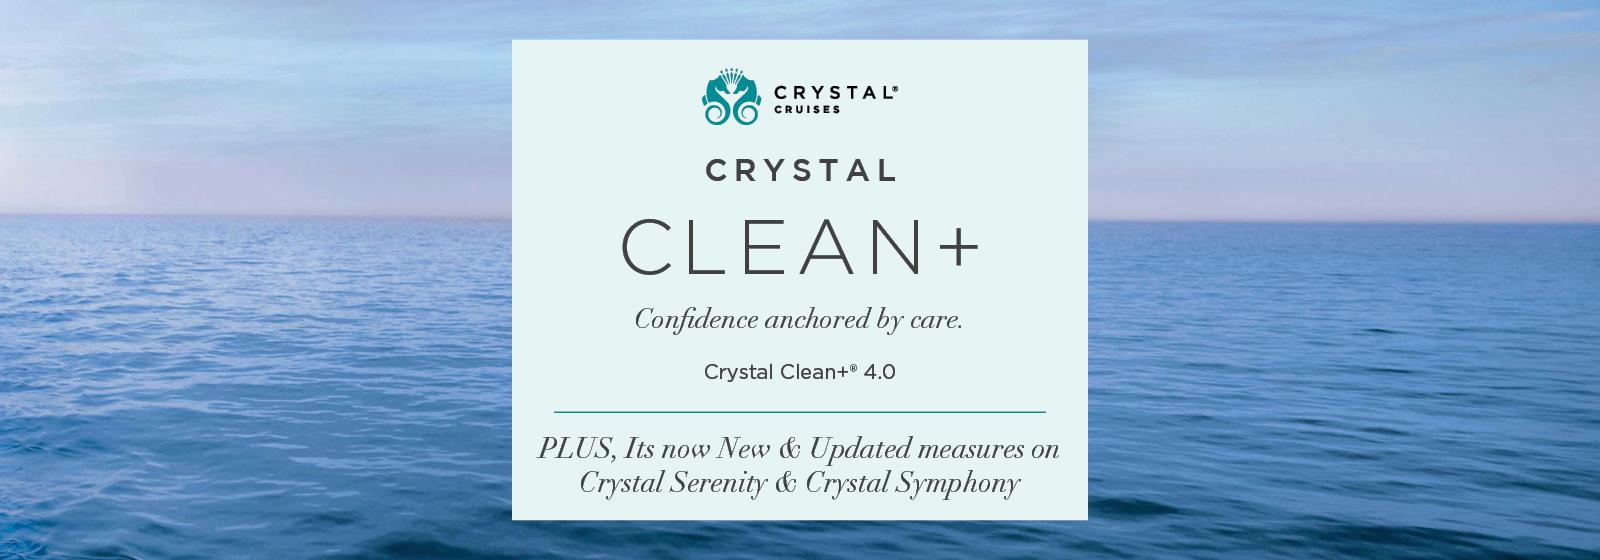 crystal-clean-4.0